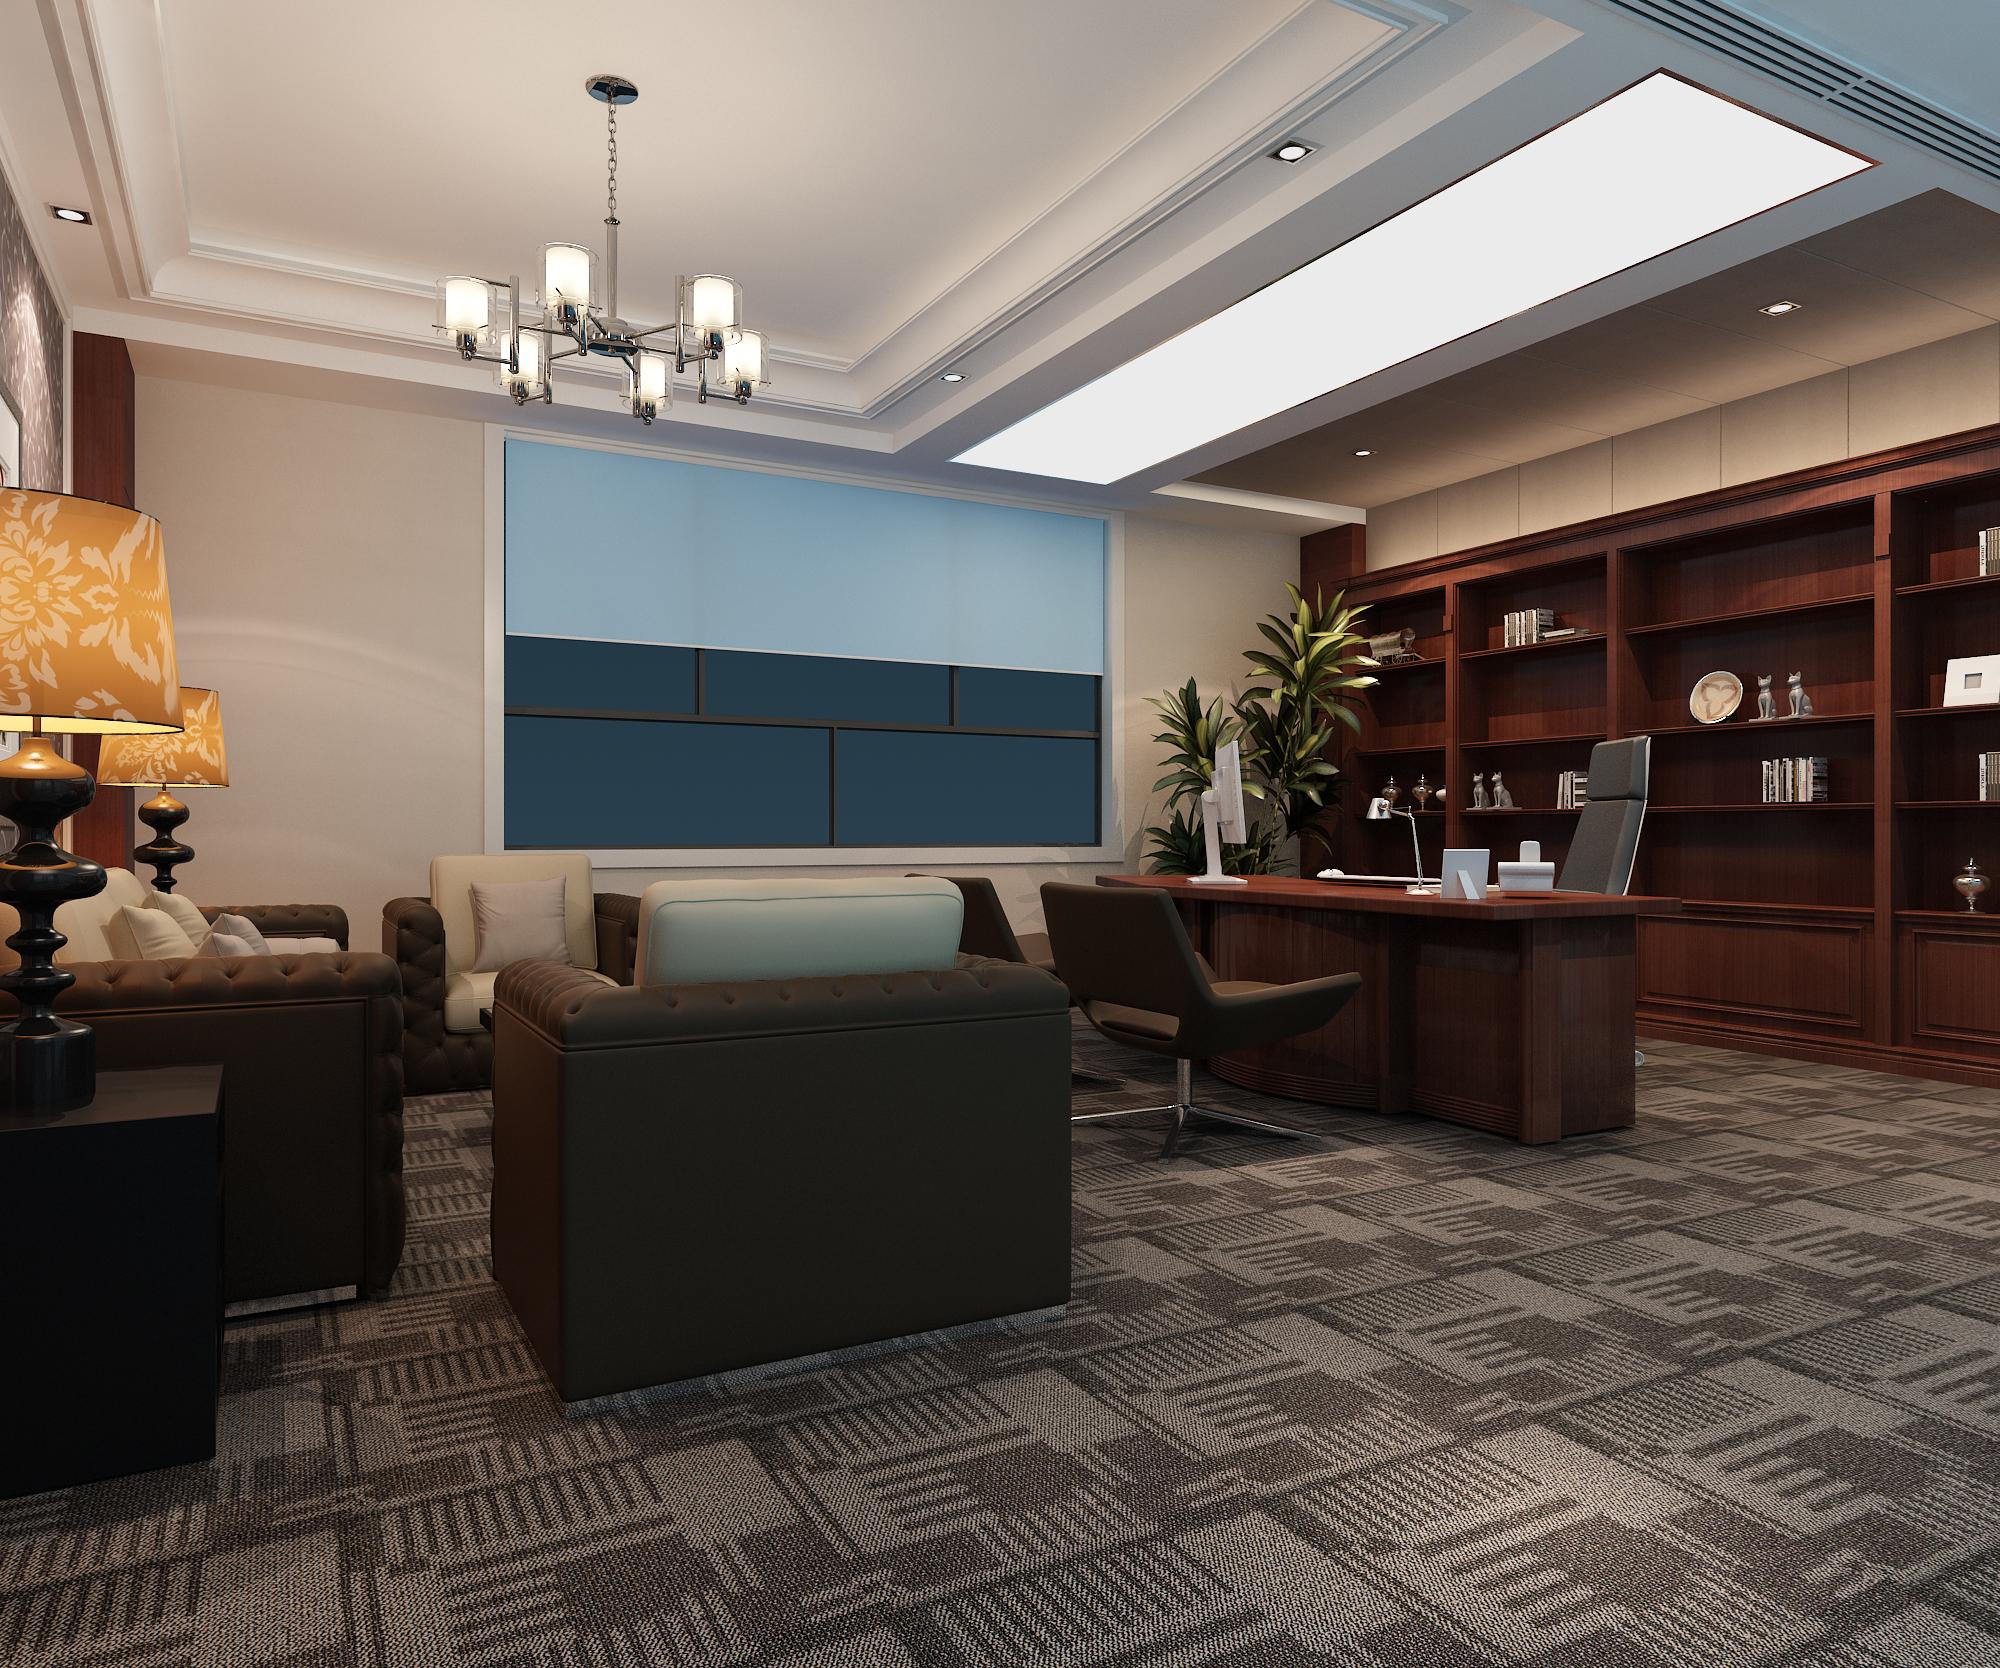 办公室 家居 起居室 设计 装修 2000_1668